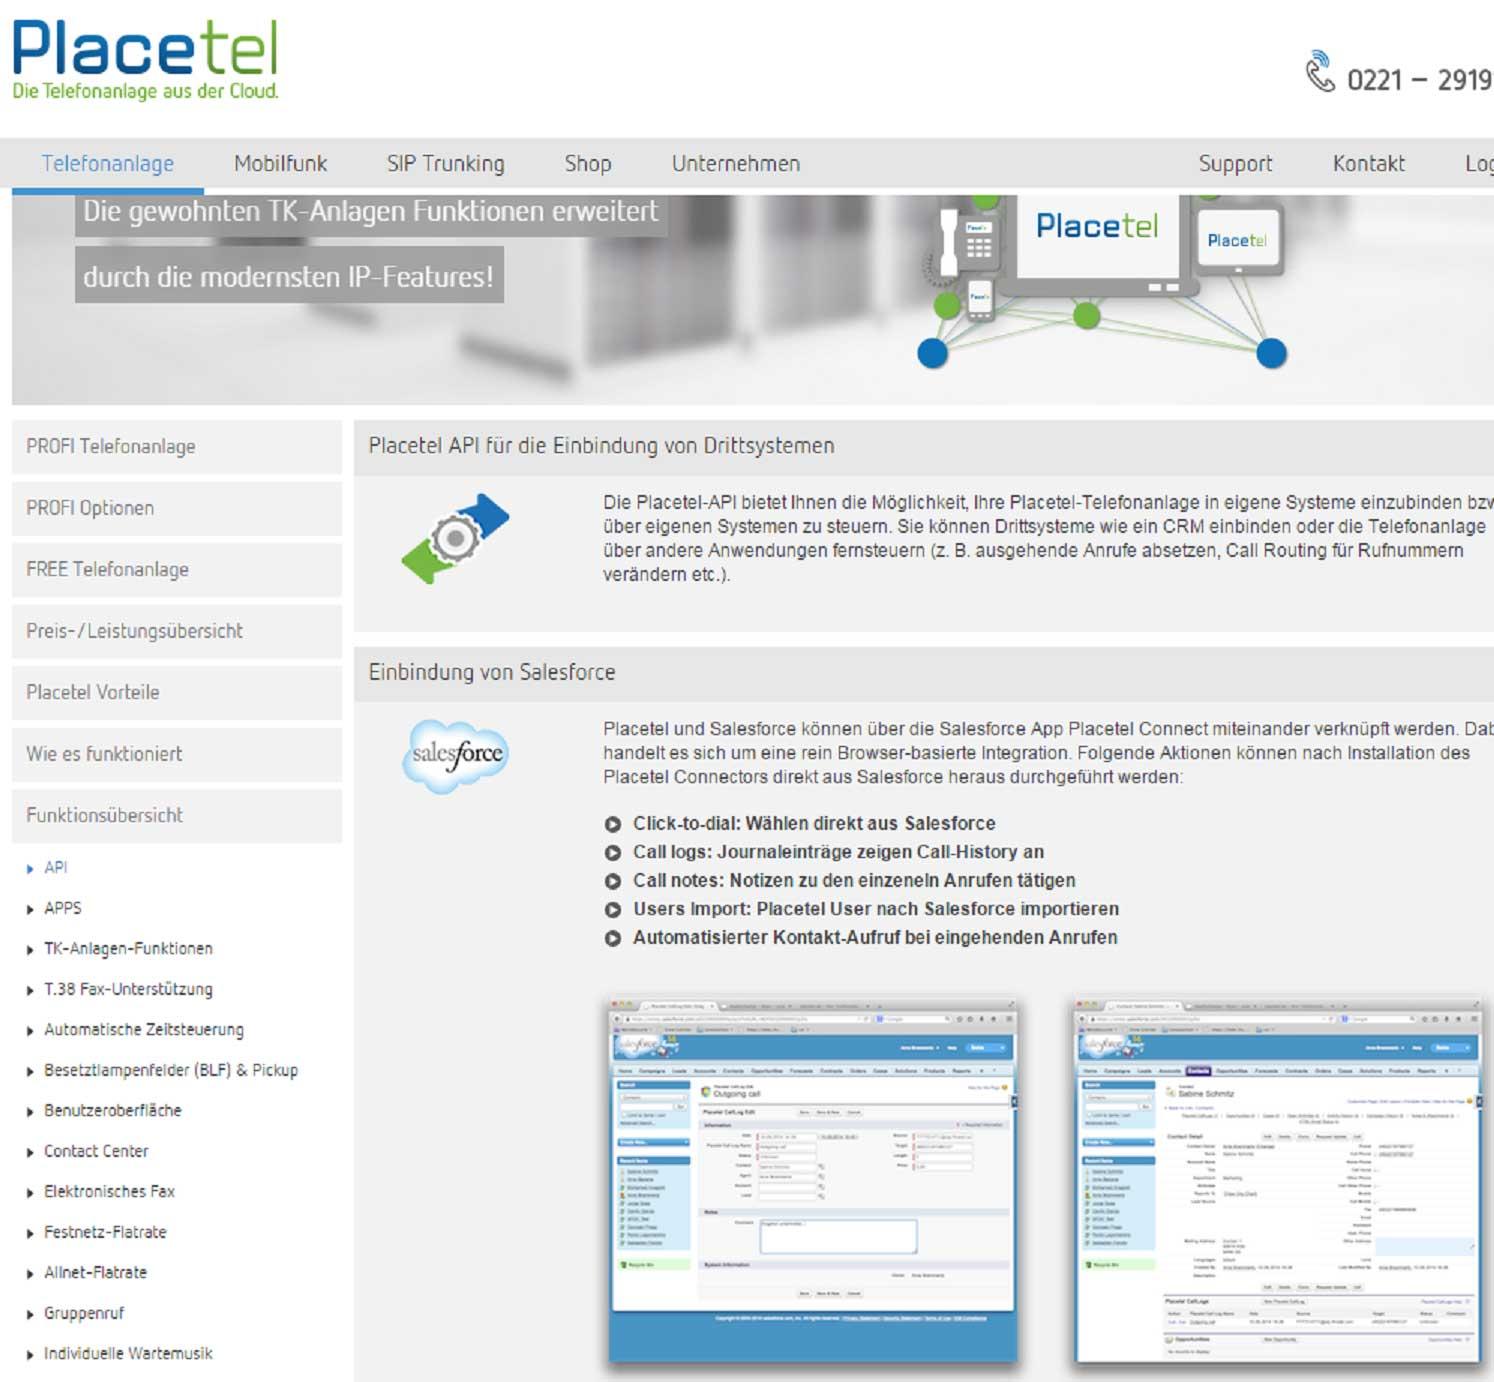 API-Schnittstelle zur Anbindung von externen Systemen